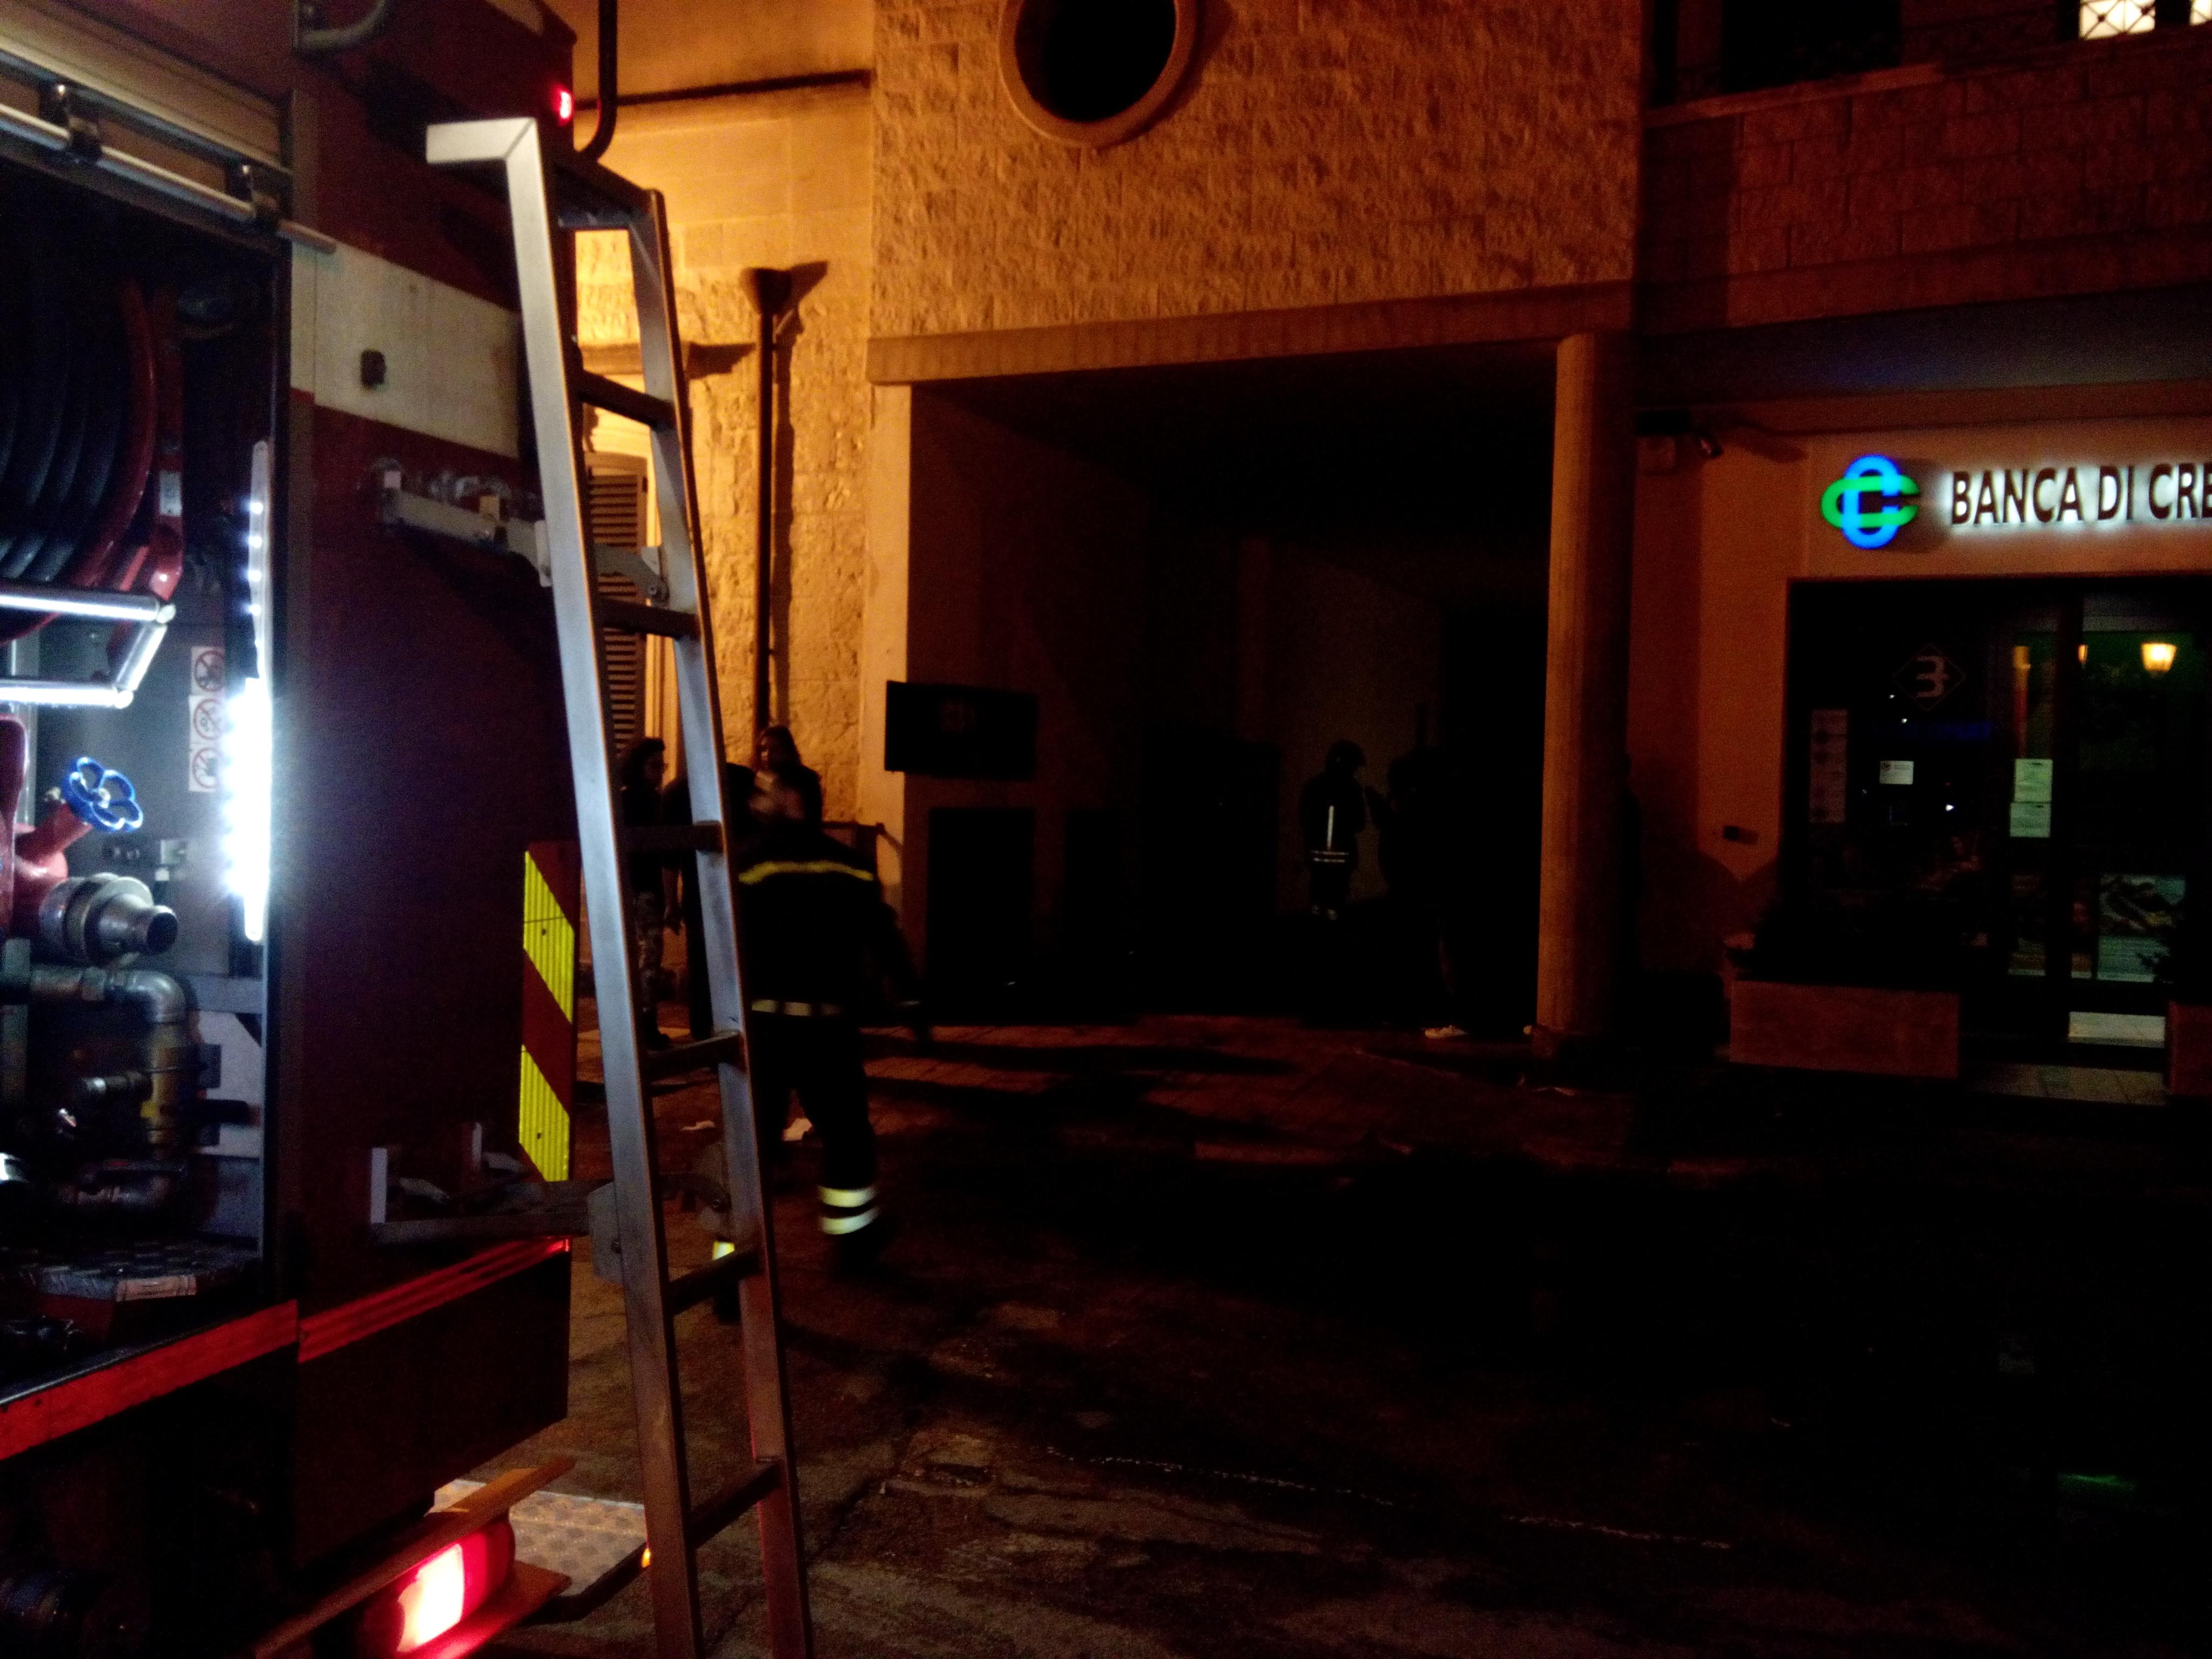 Incendio in un appartamento a Borgagne, scampato pericolo.